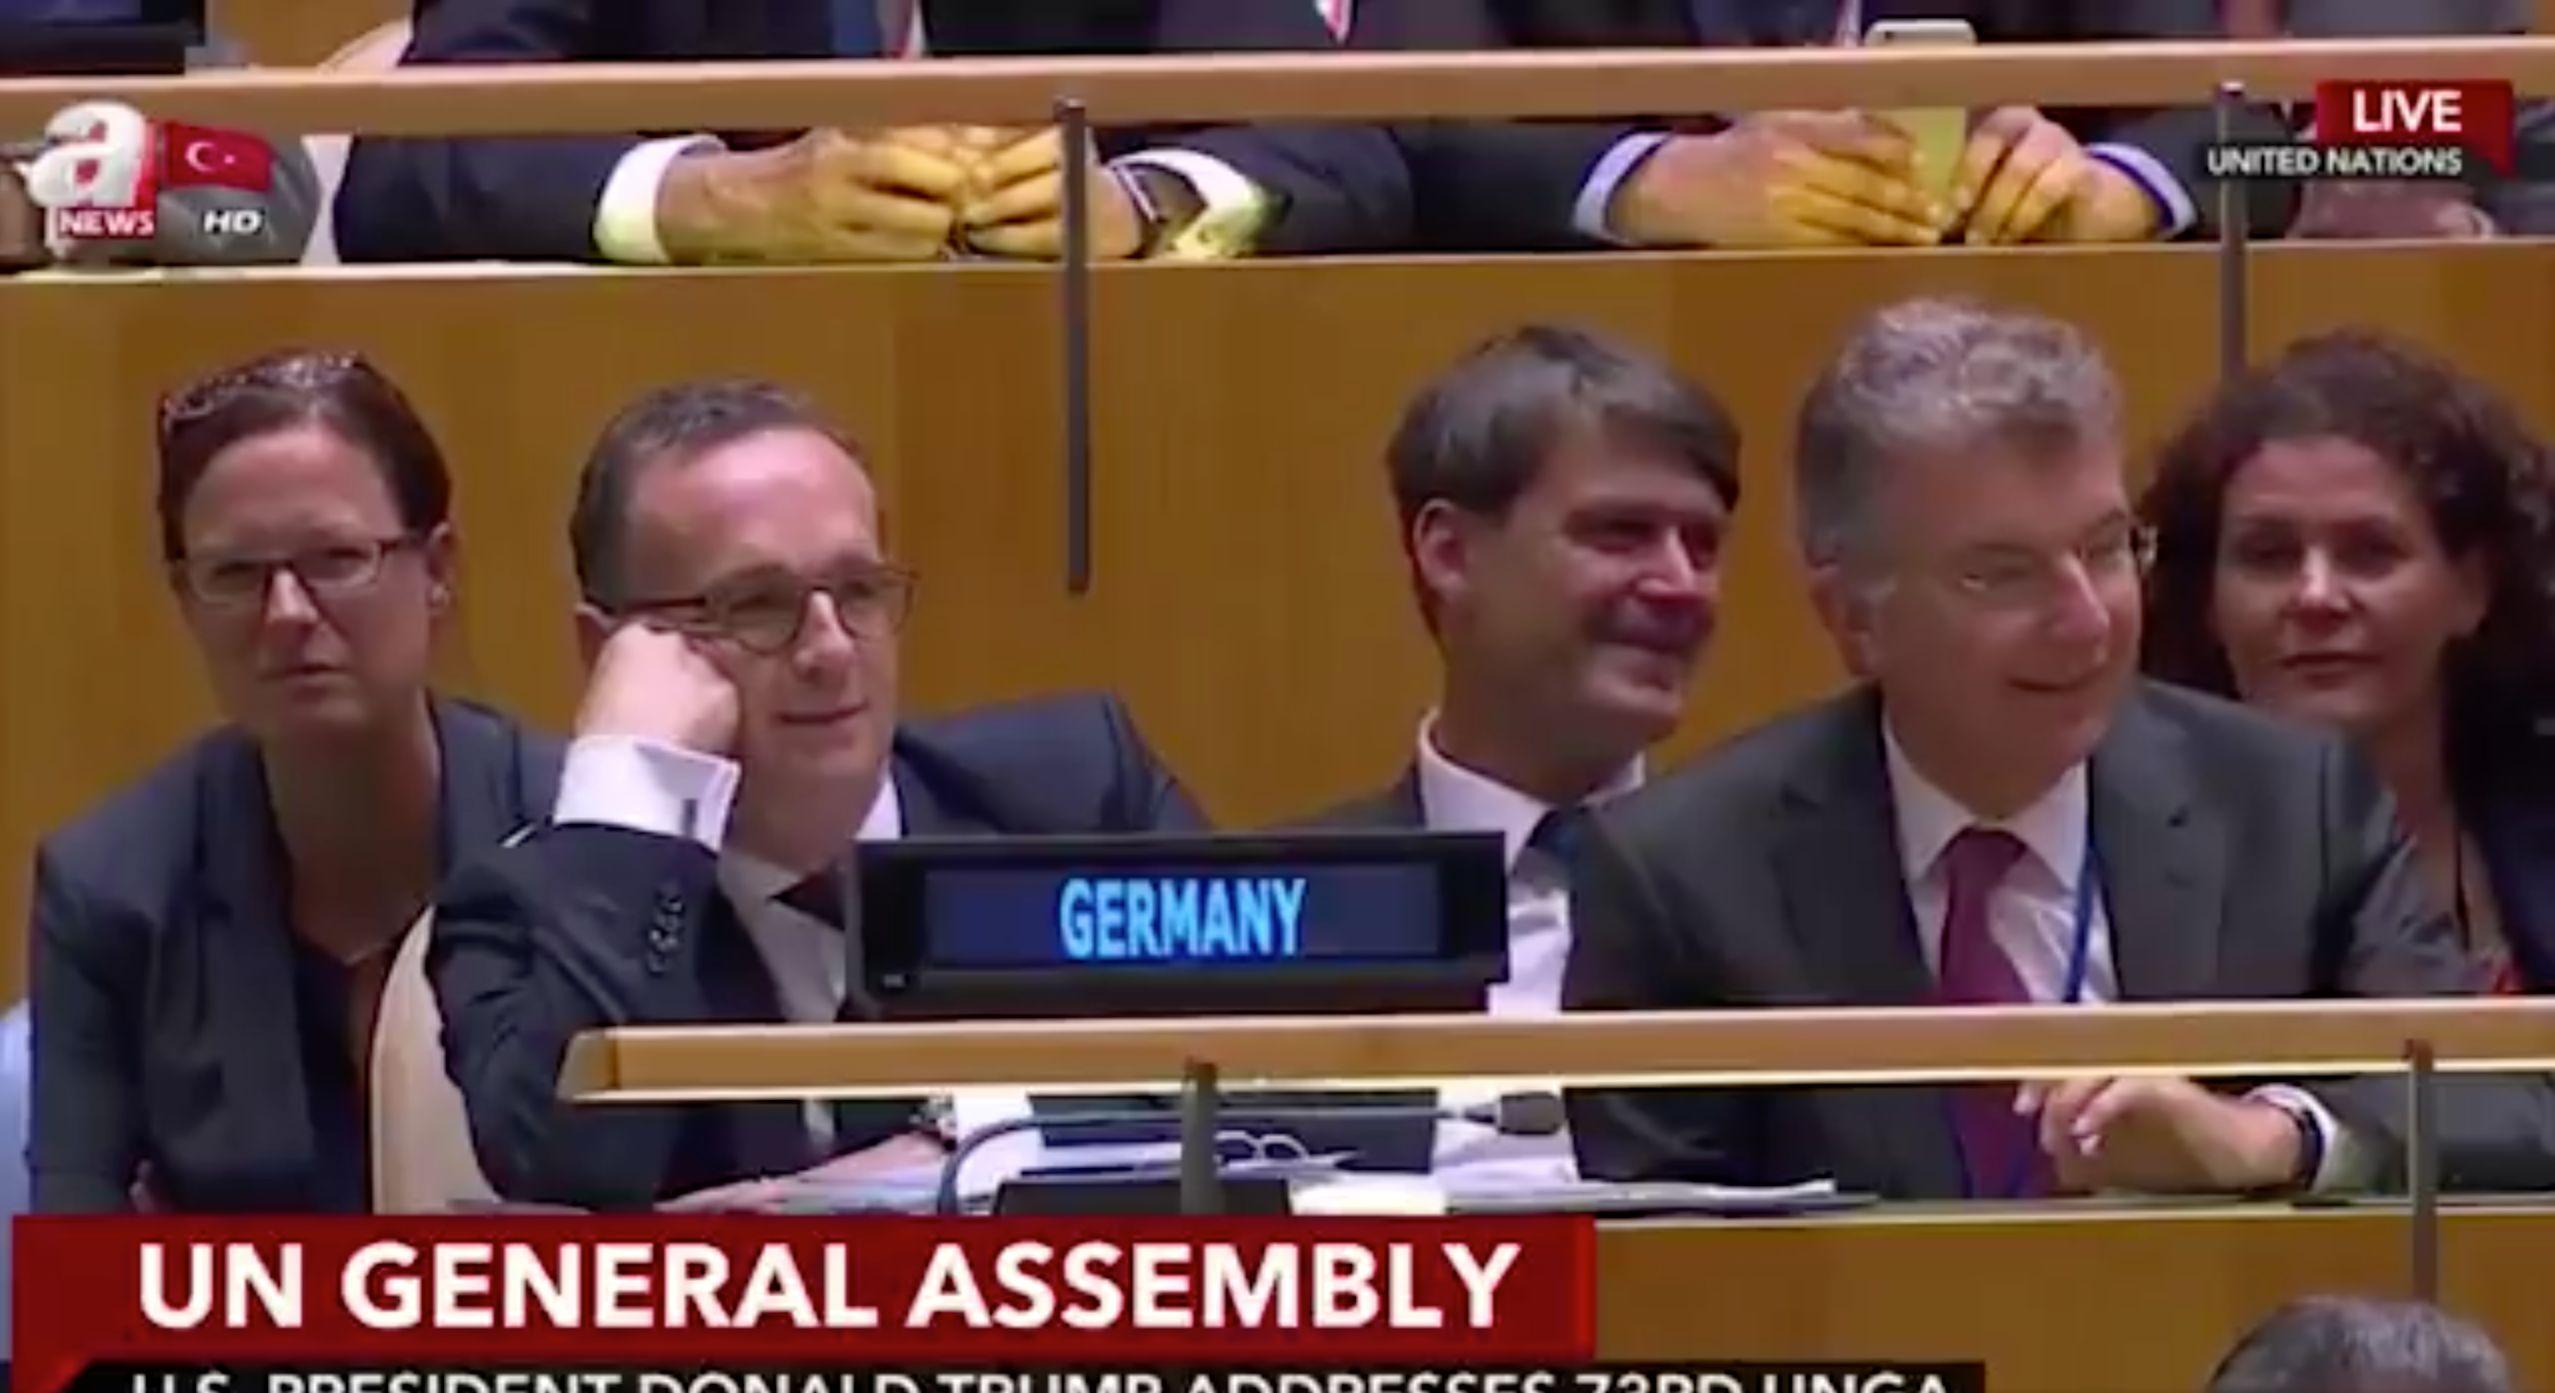 Als Trump über Deutschland spricht, schüttelt Außenminister Maas den Kopf